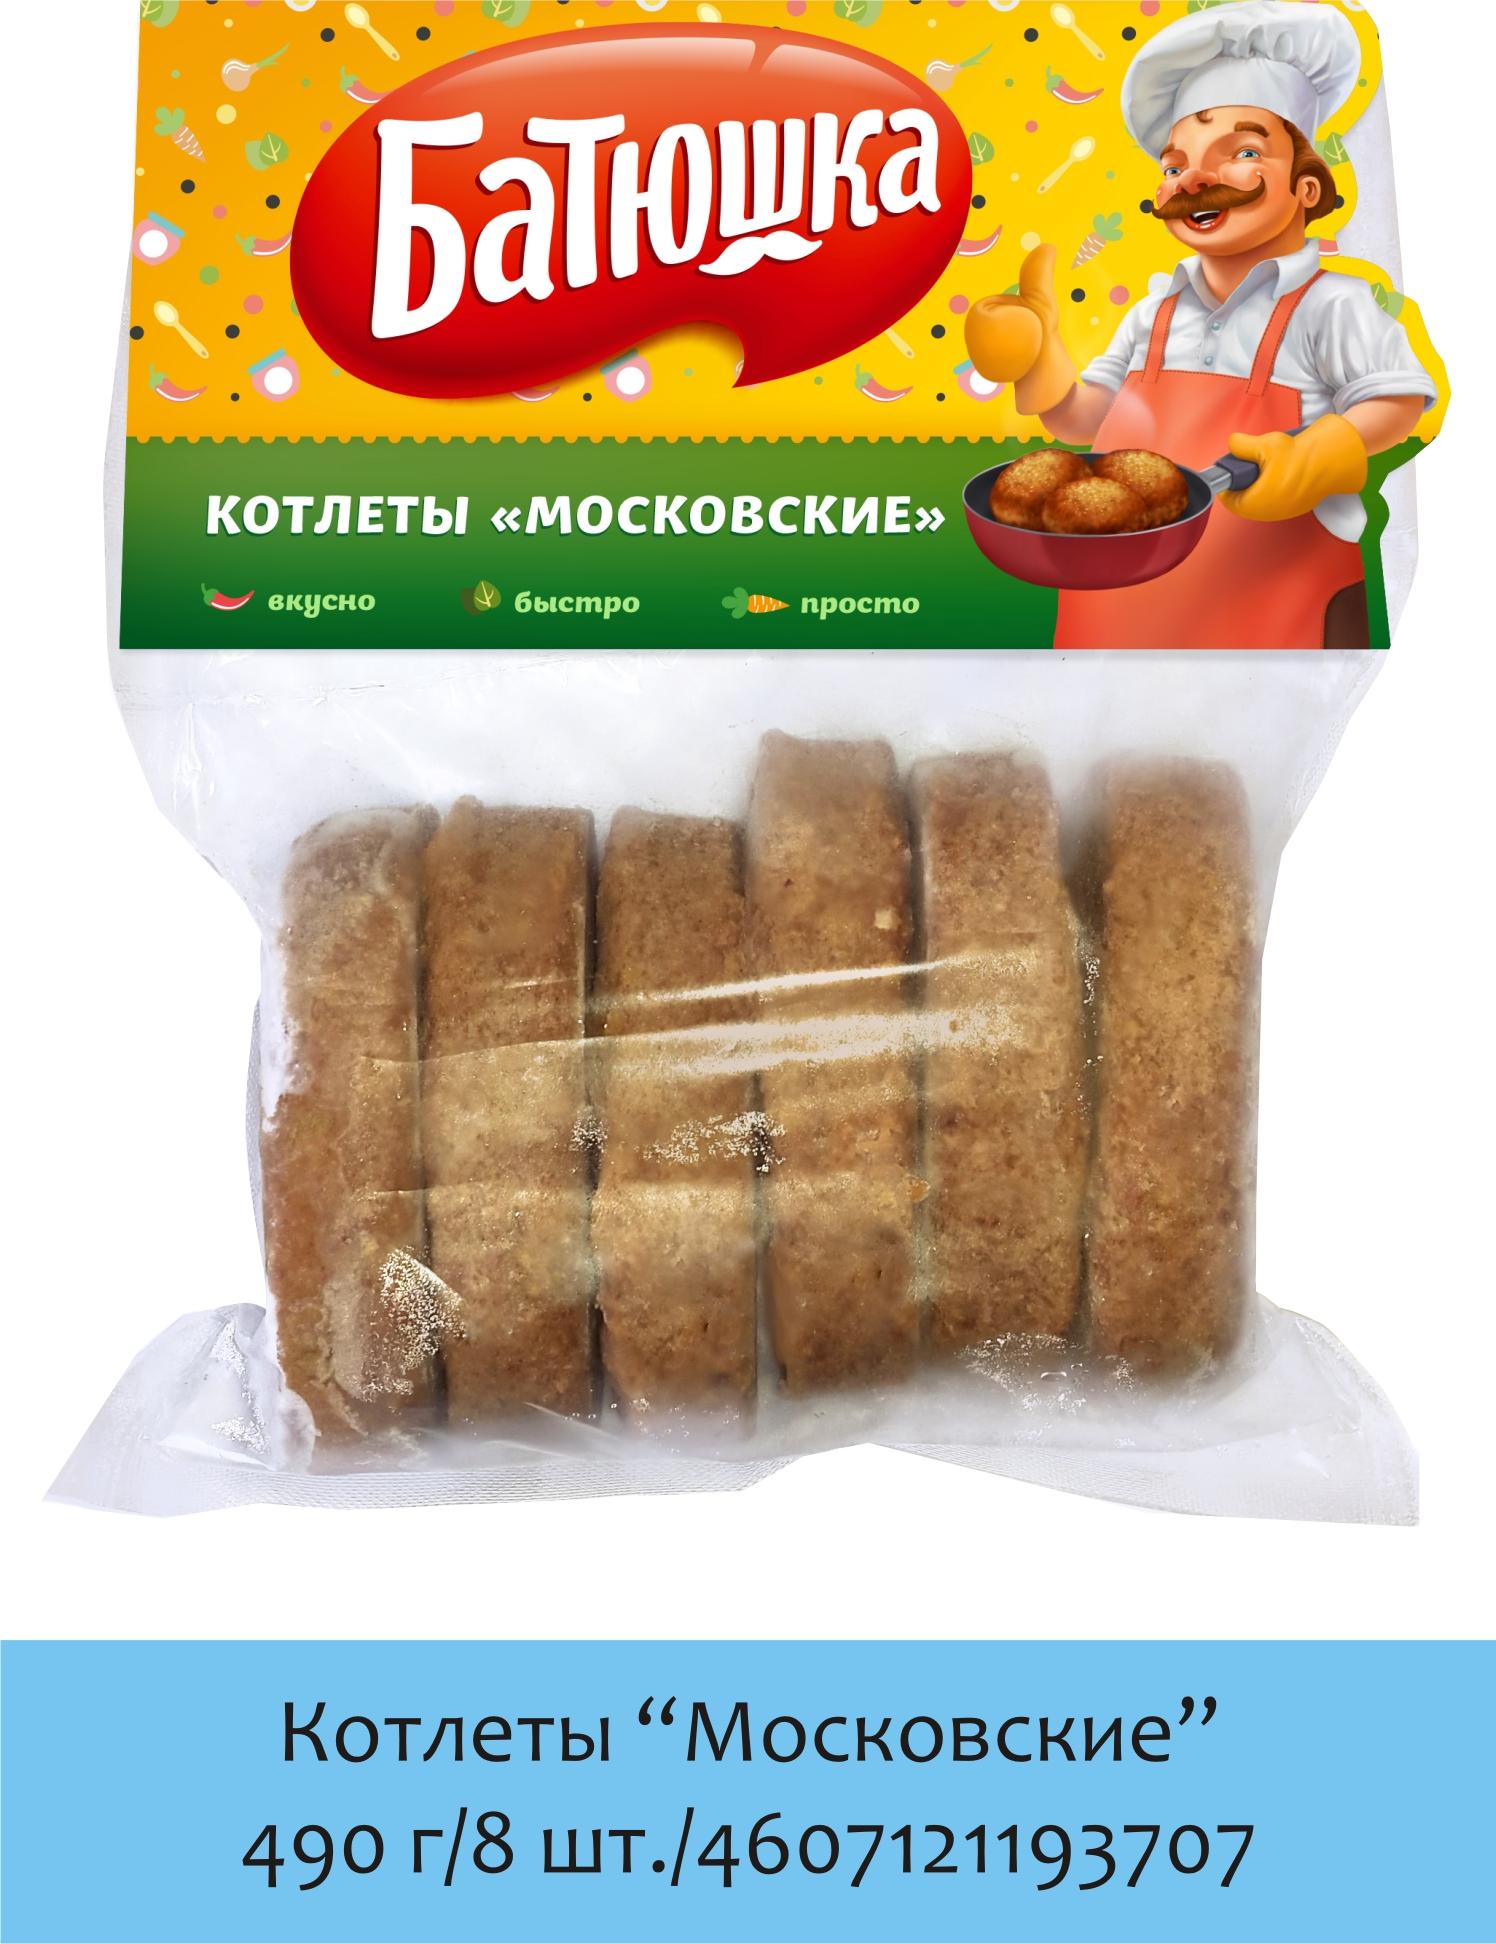 котлеты Батюшка Московские